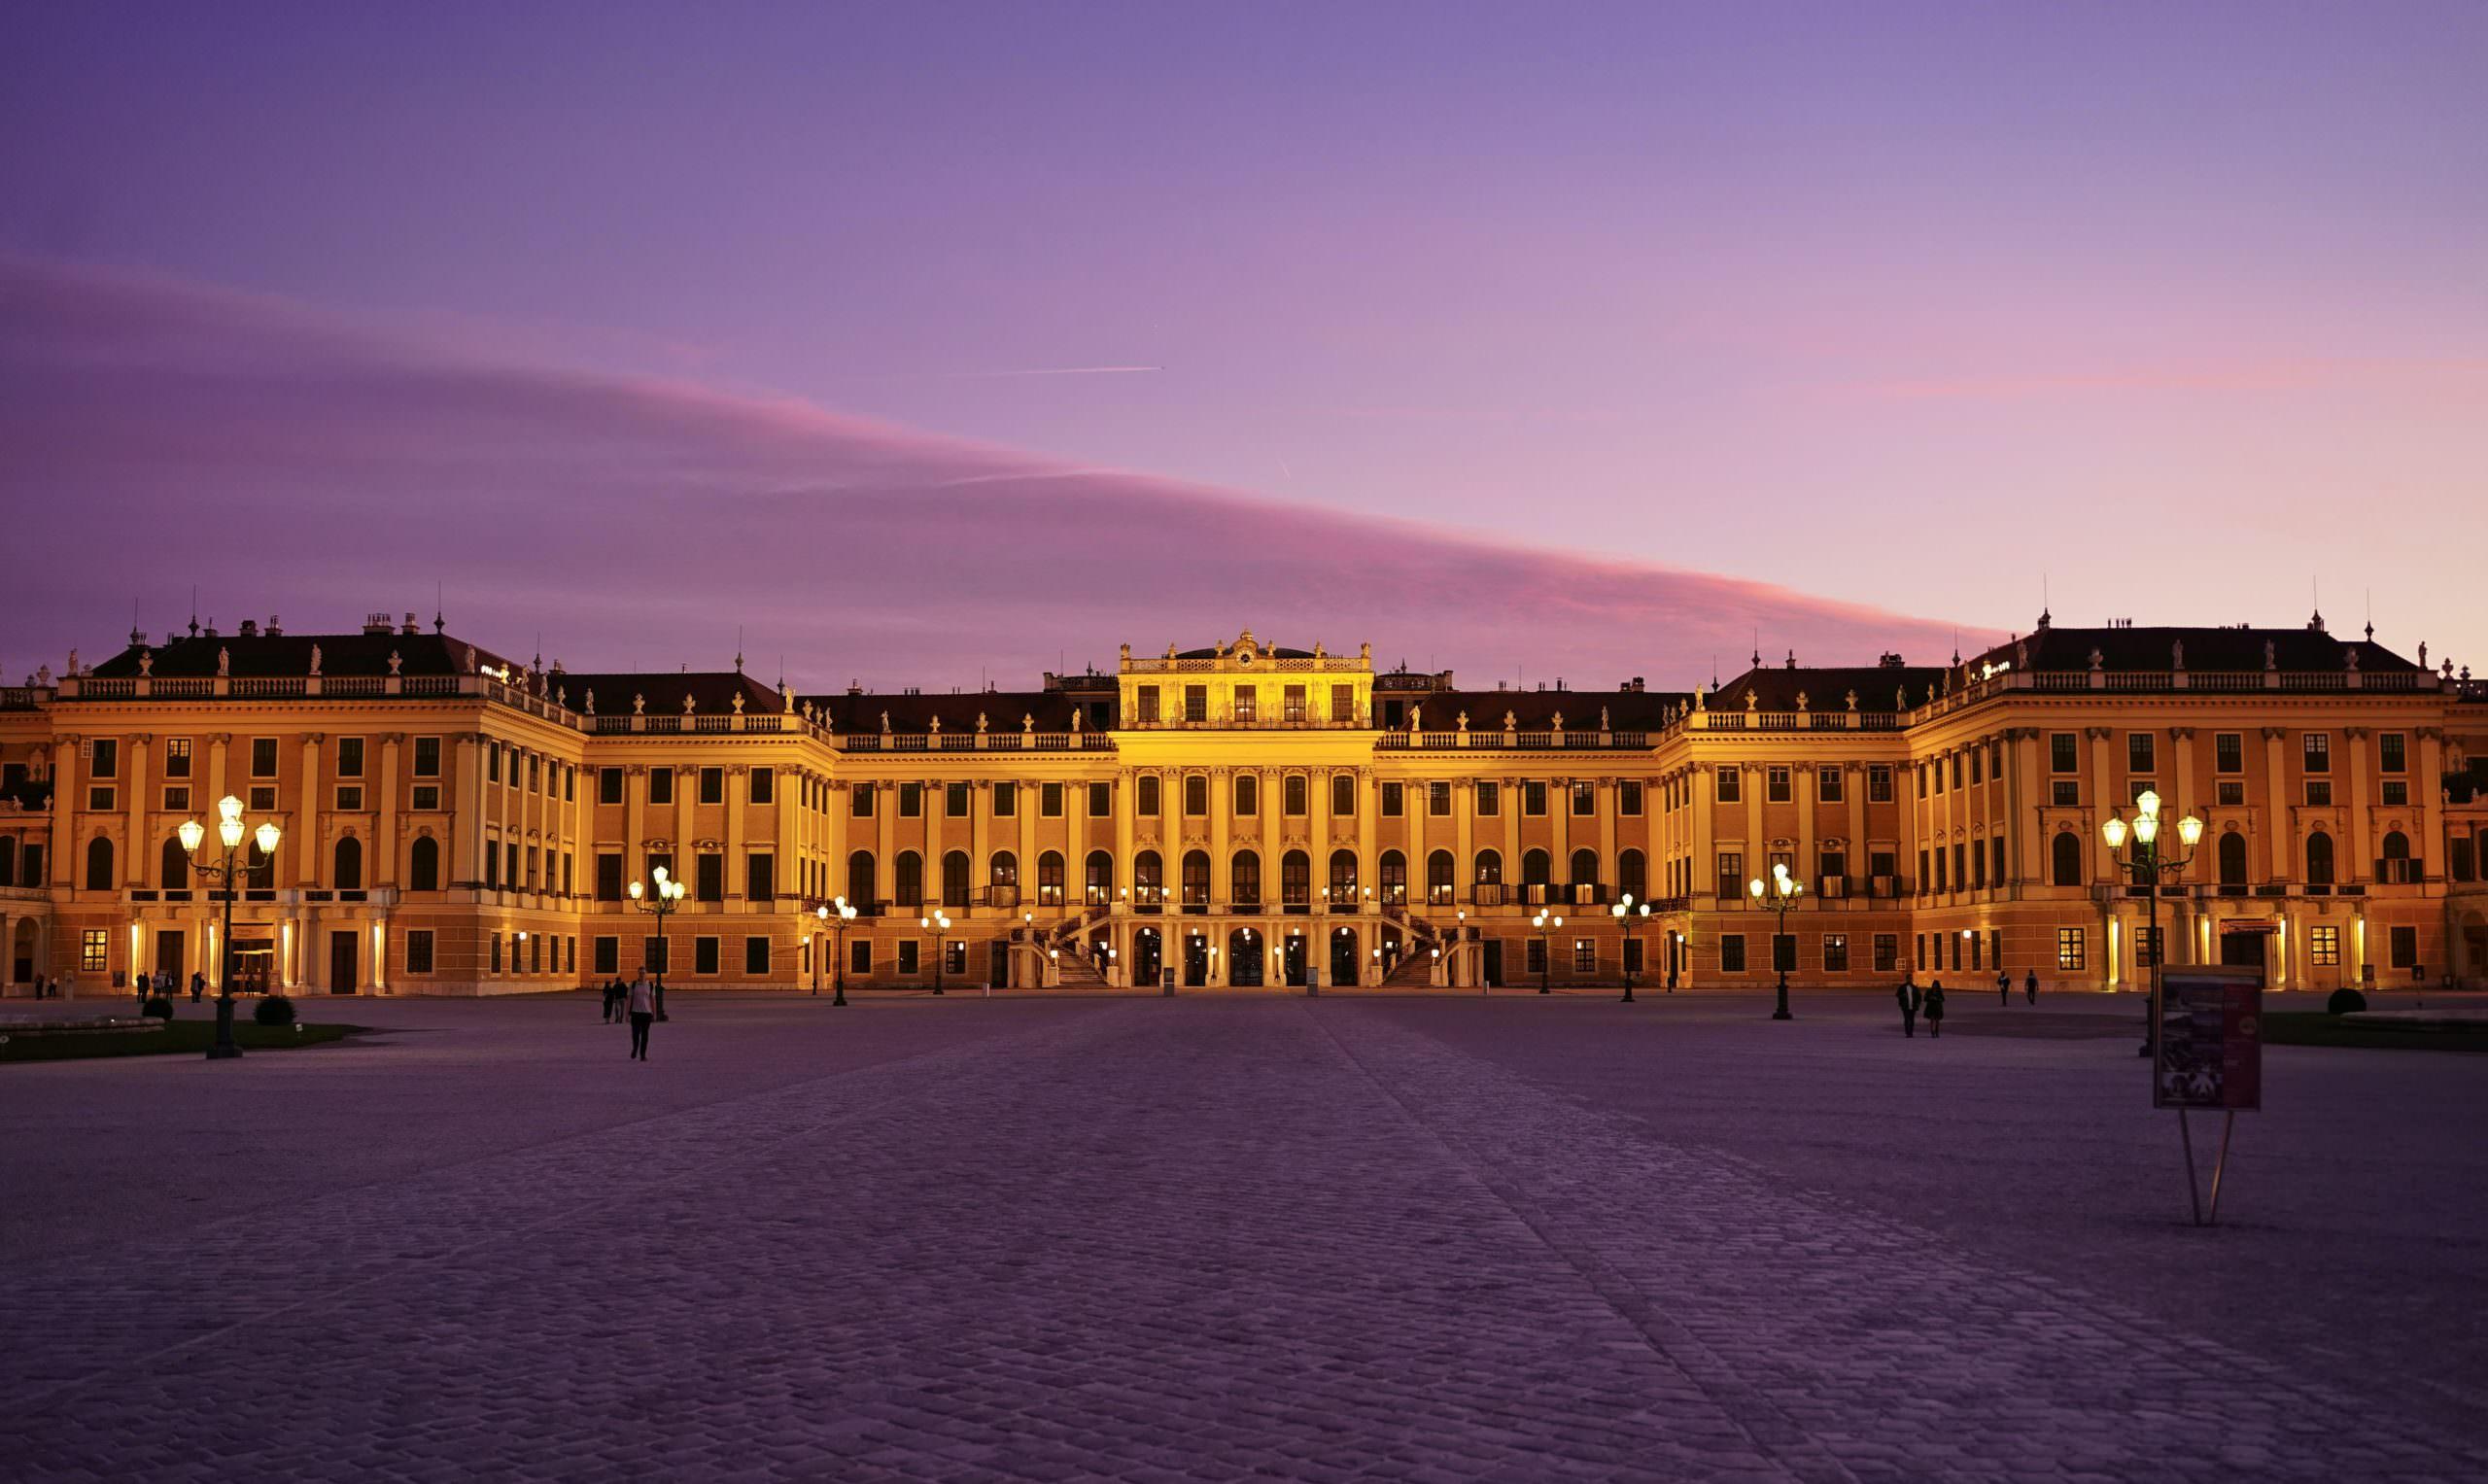 معالم سياحية رائعة يجب زيارتها في فيينا ، النمسا